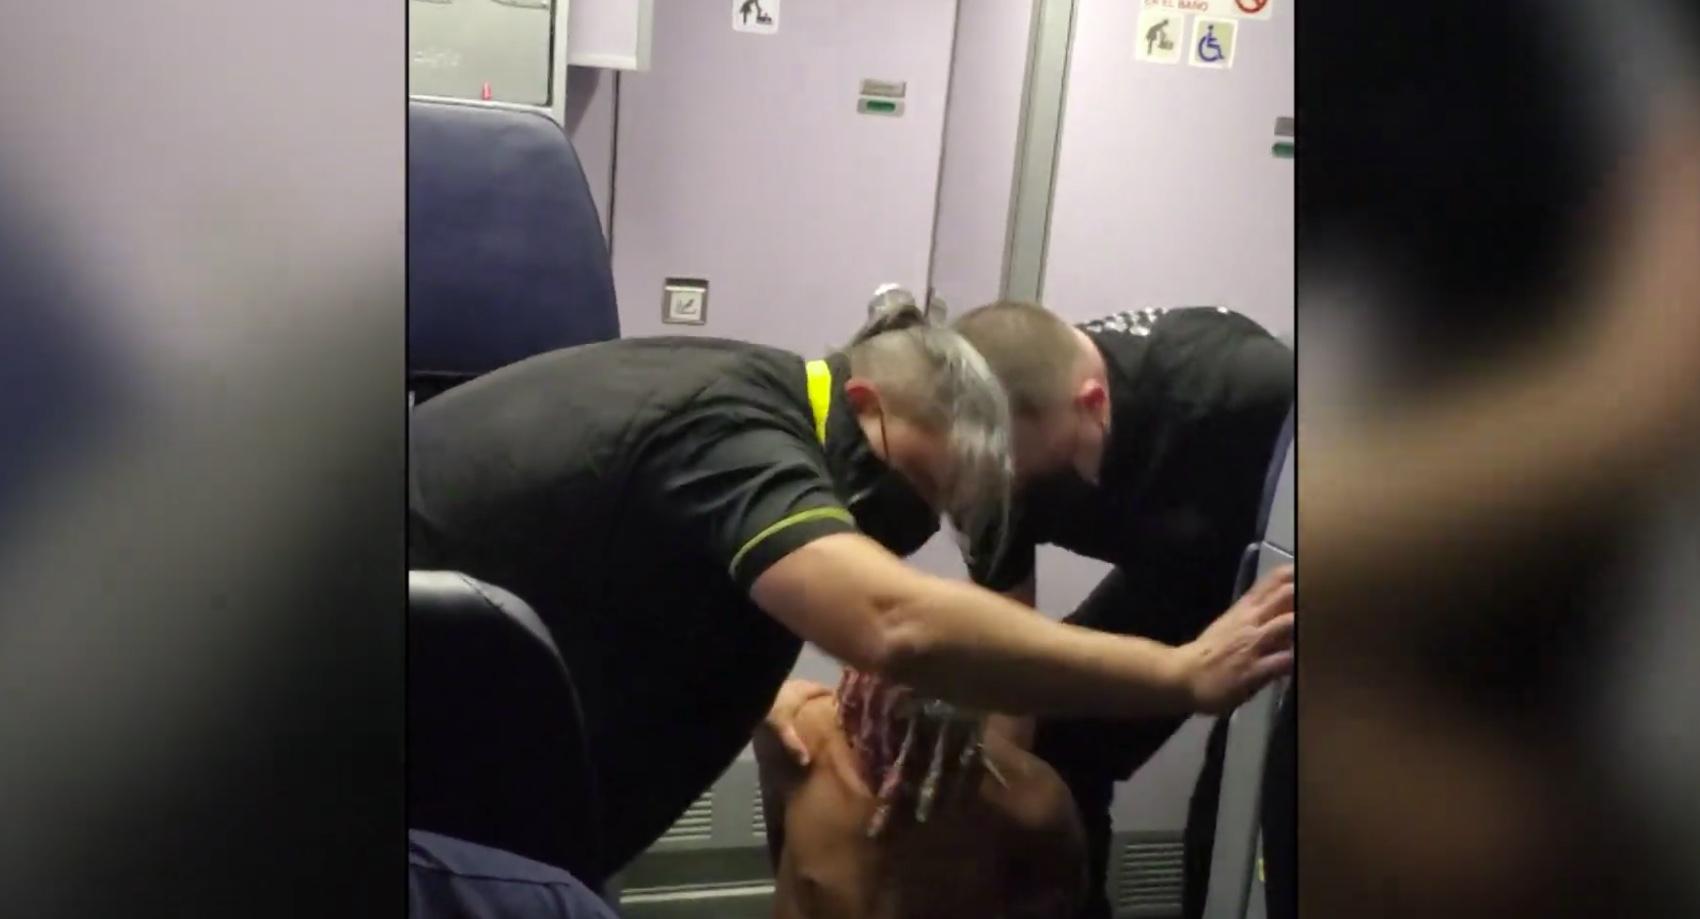 Tenta di aprire la porta dell'aereo in volo: bloccato in tempo.